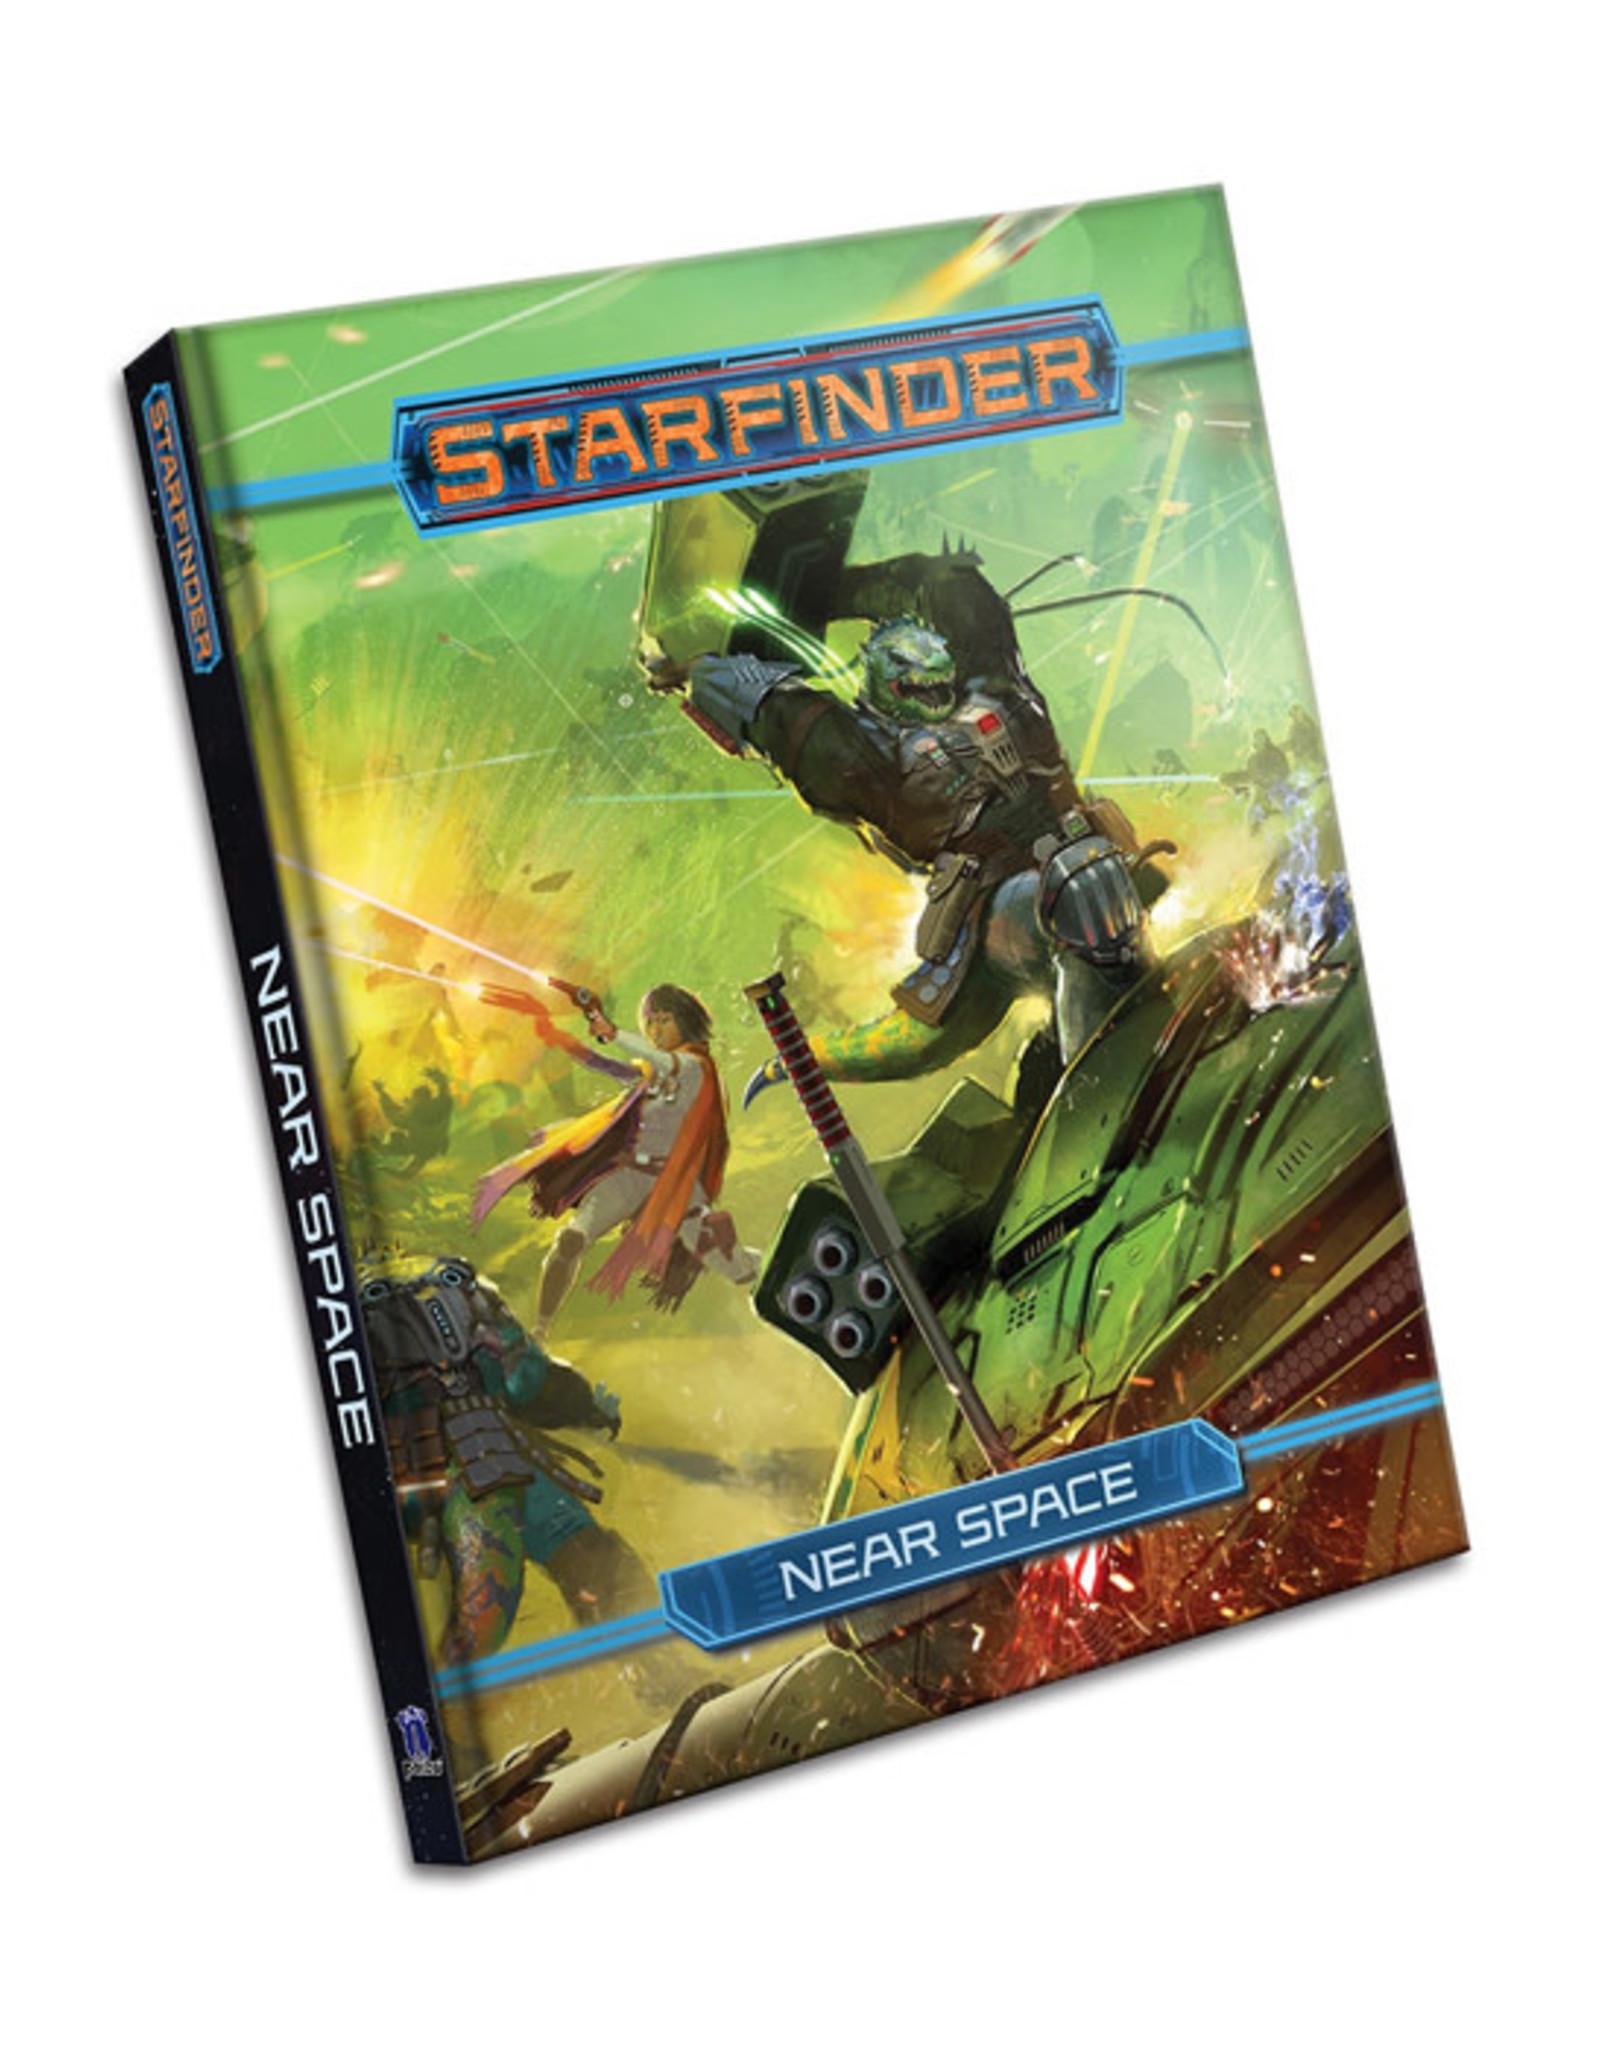 Starfinder Starfinder: Near Space